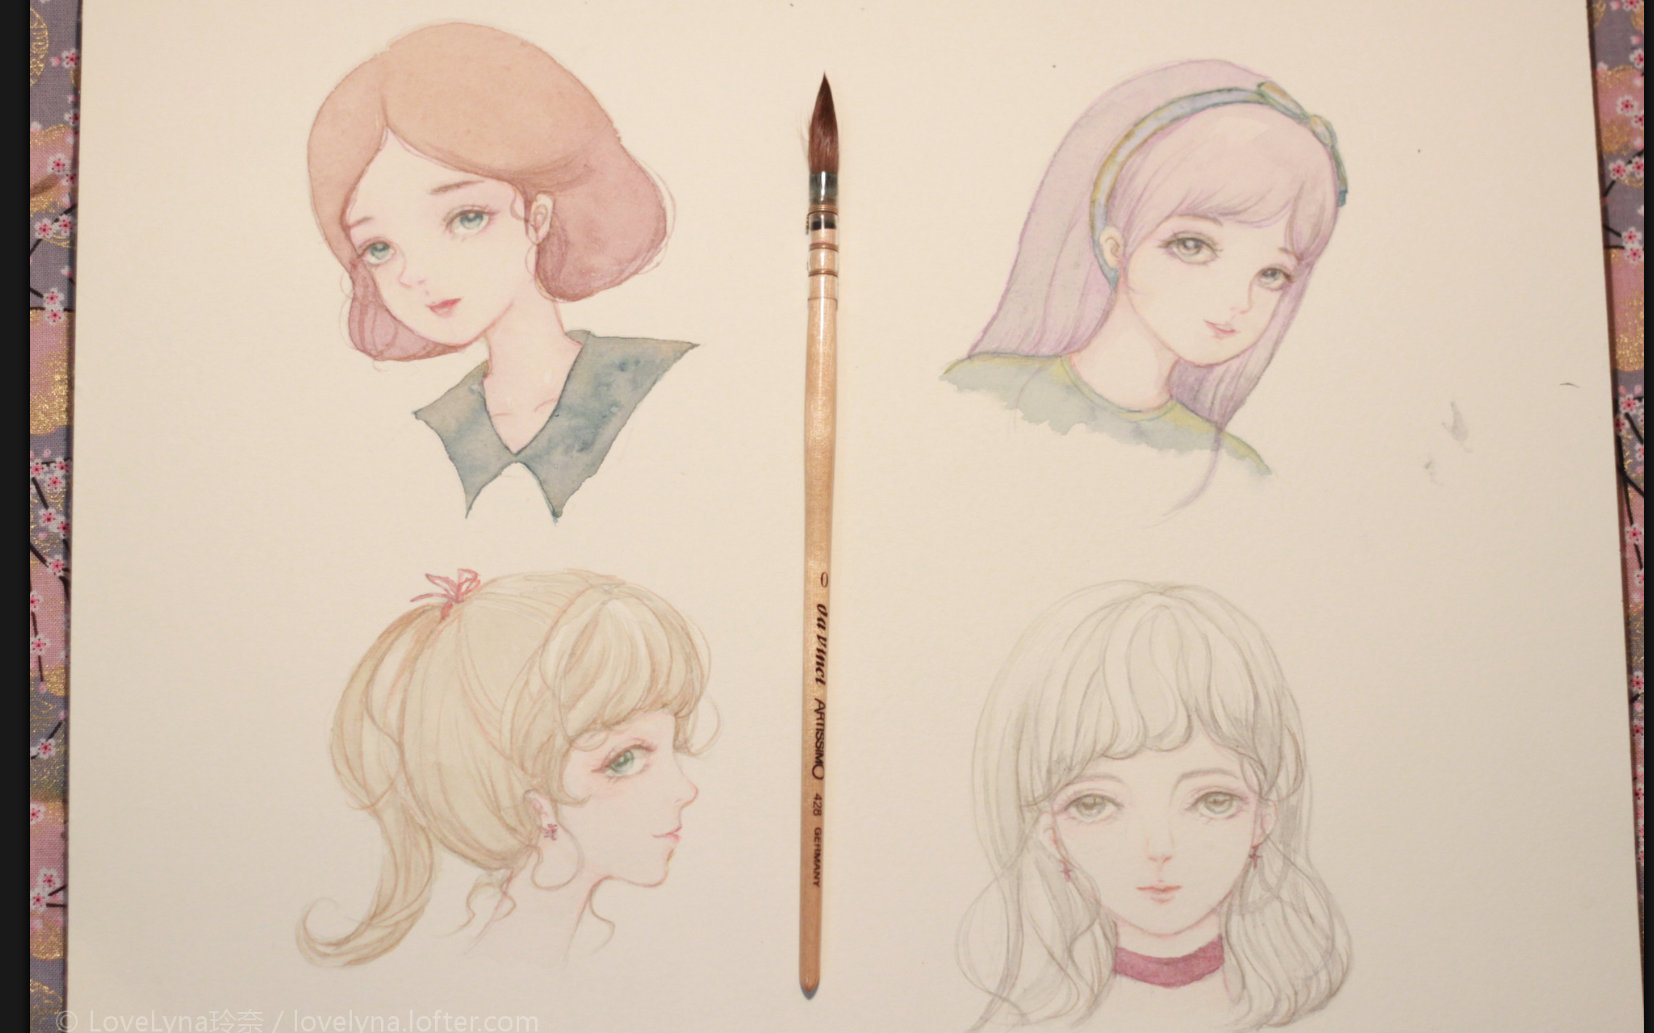 插画手绘简单小图案-简单可爱的手绘图片,日记手绘超简单小插画,日记